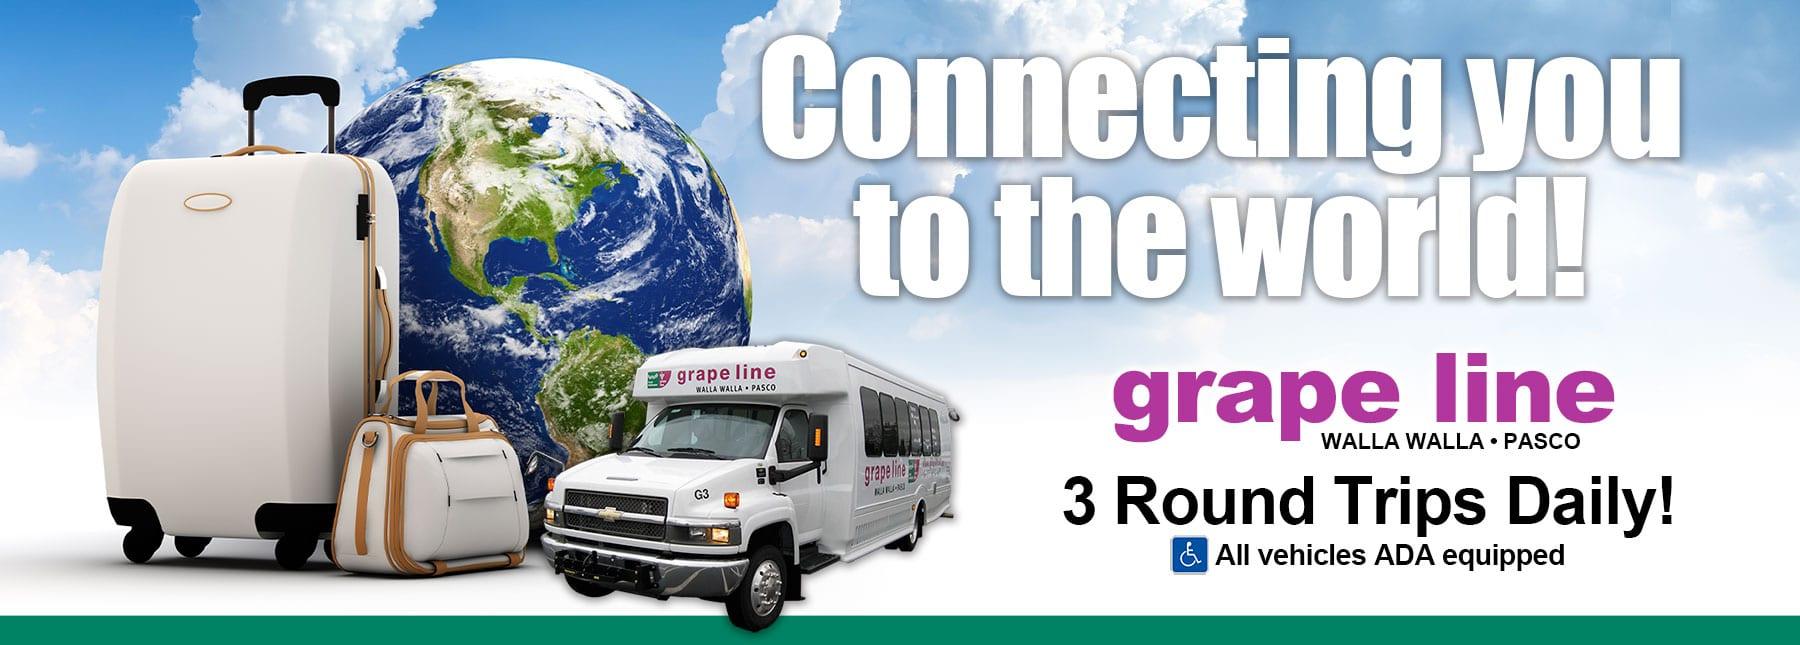 Grapeline Connecting You V3 Bg 1800x645